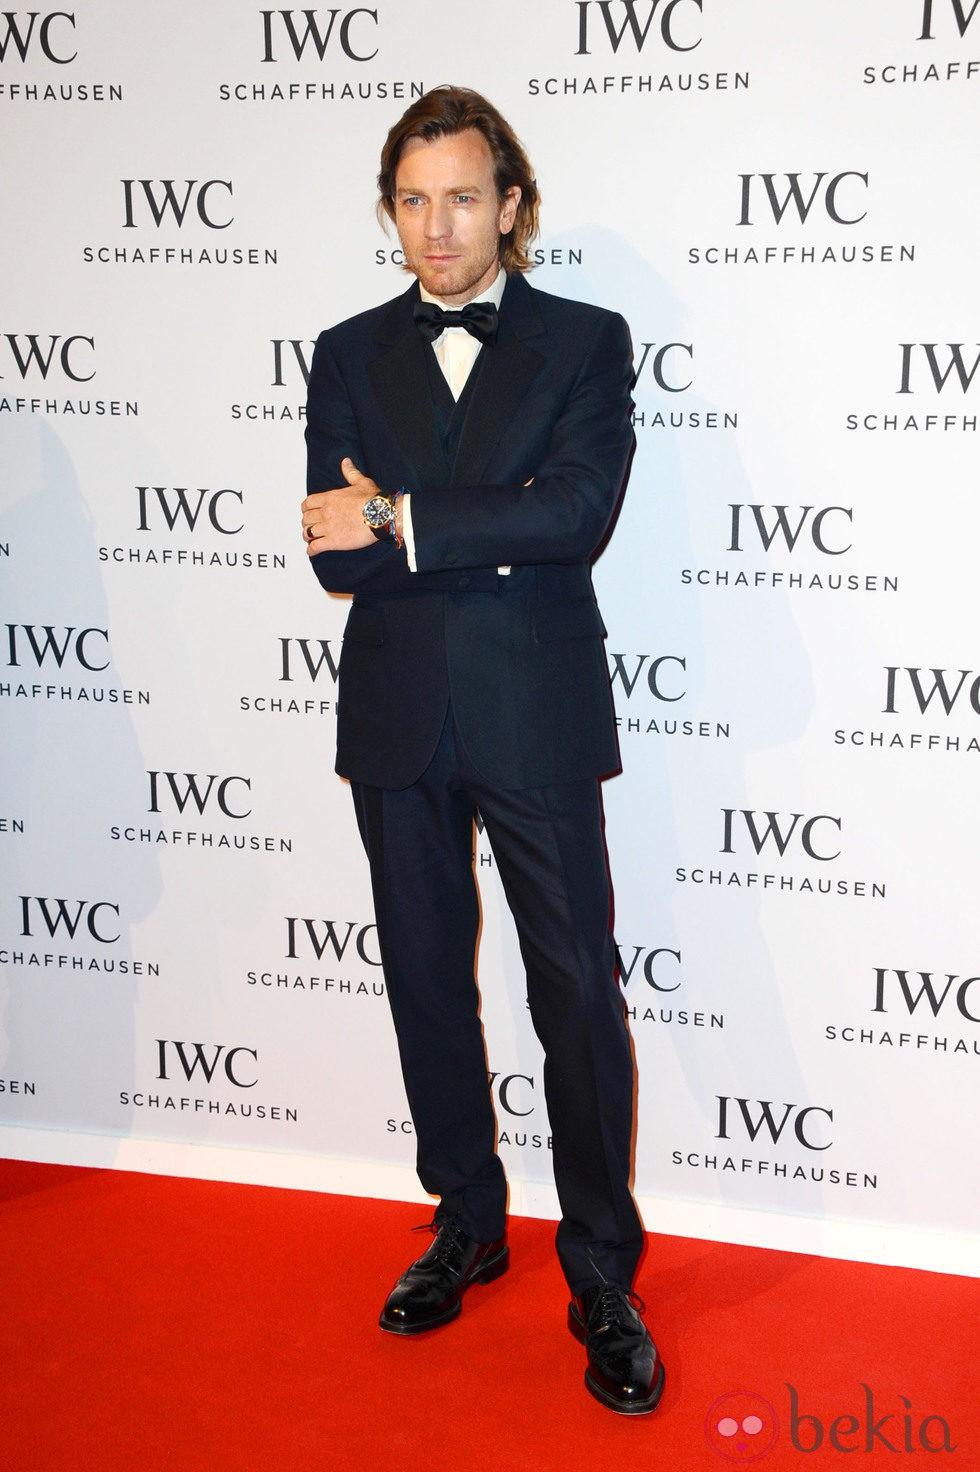 Ewan McGregor en la presentación de la colección 'Aquatimer' de IWC